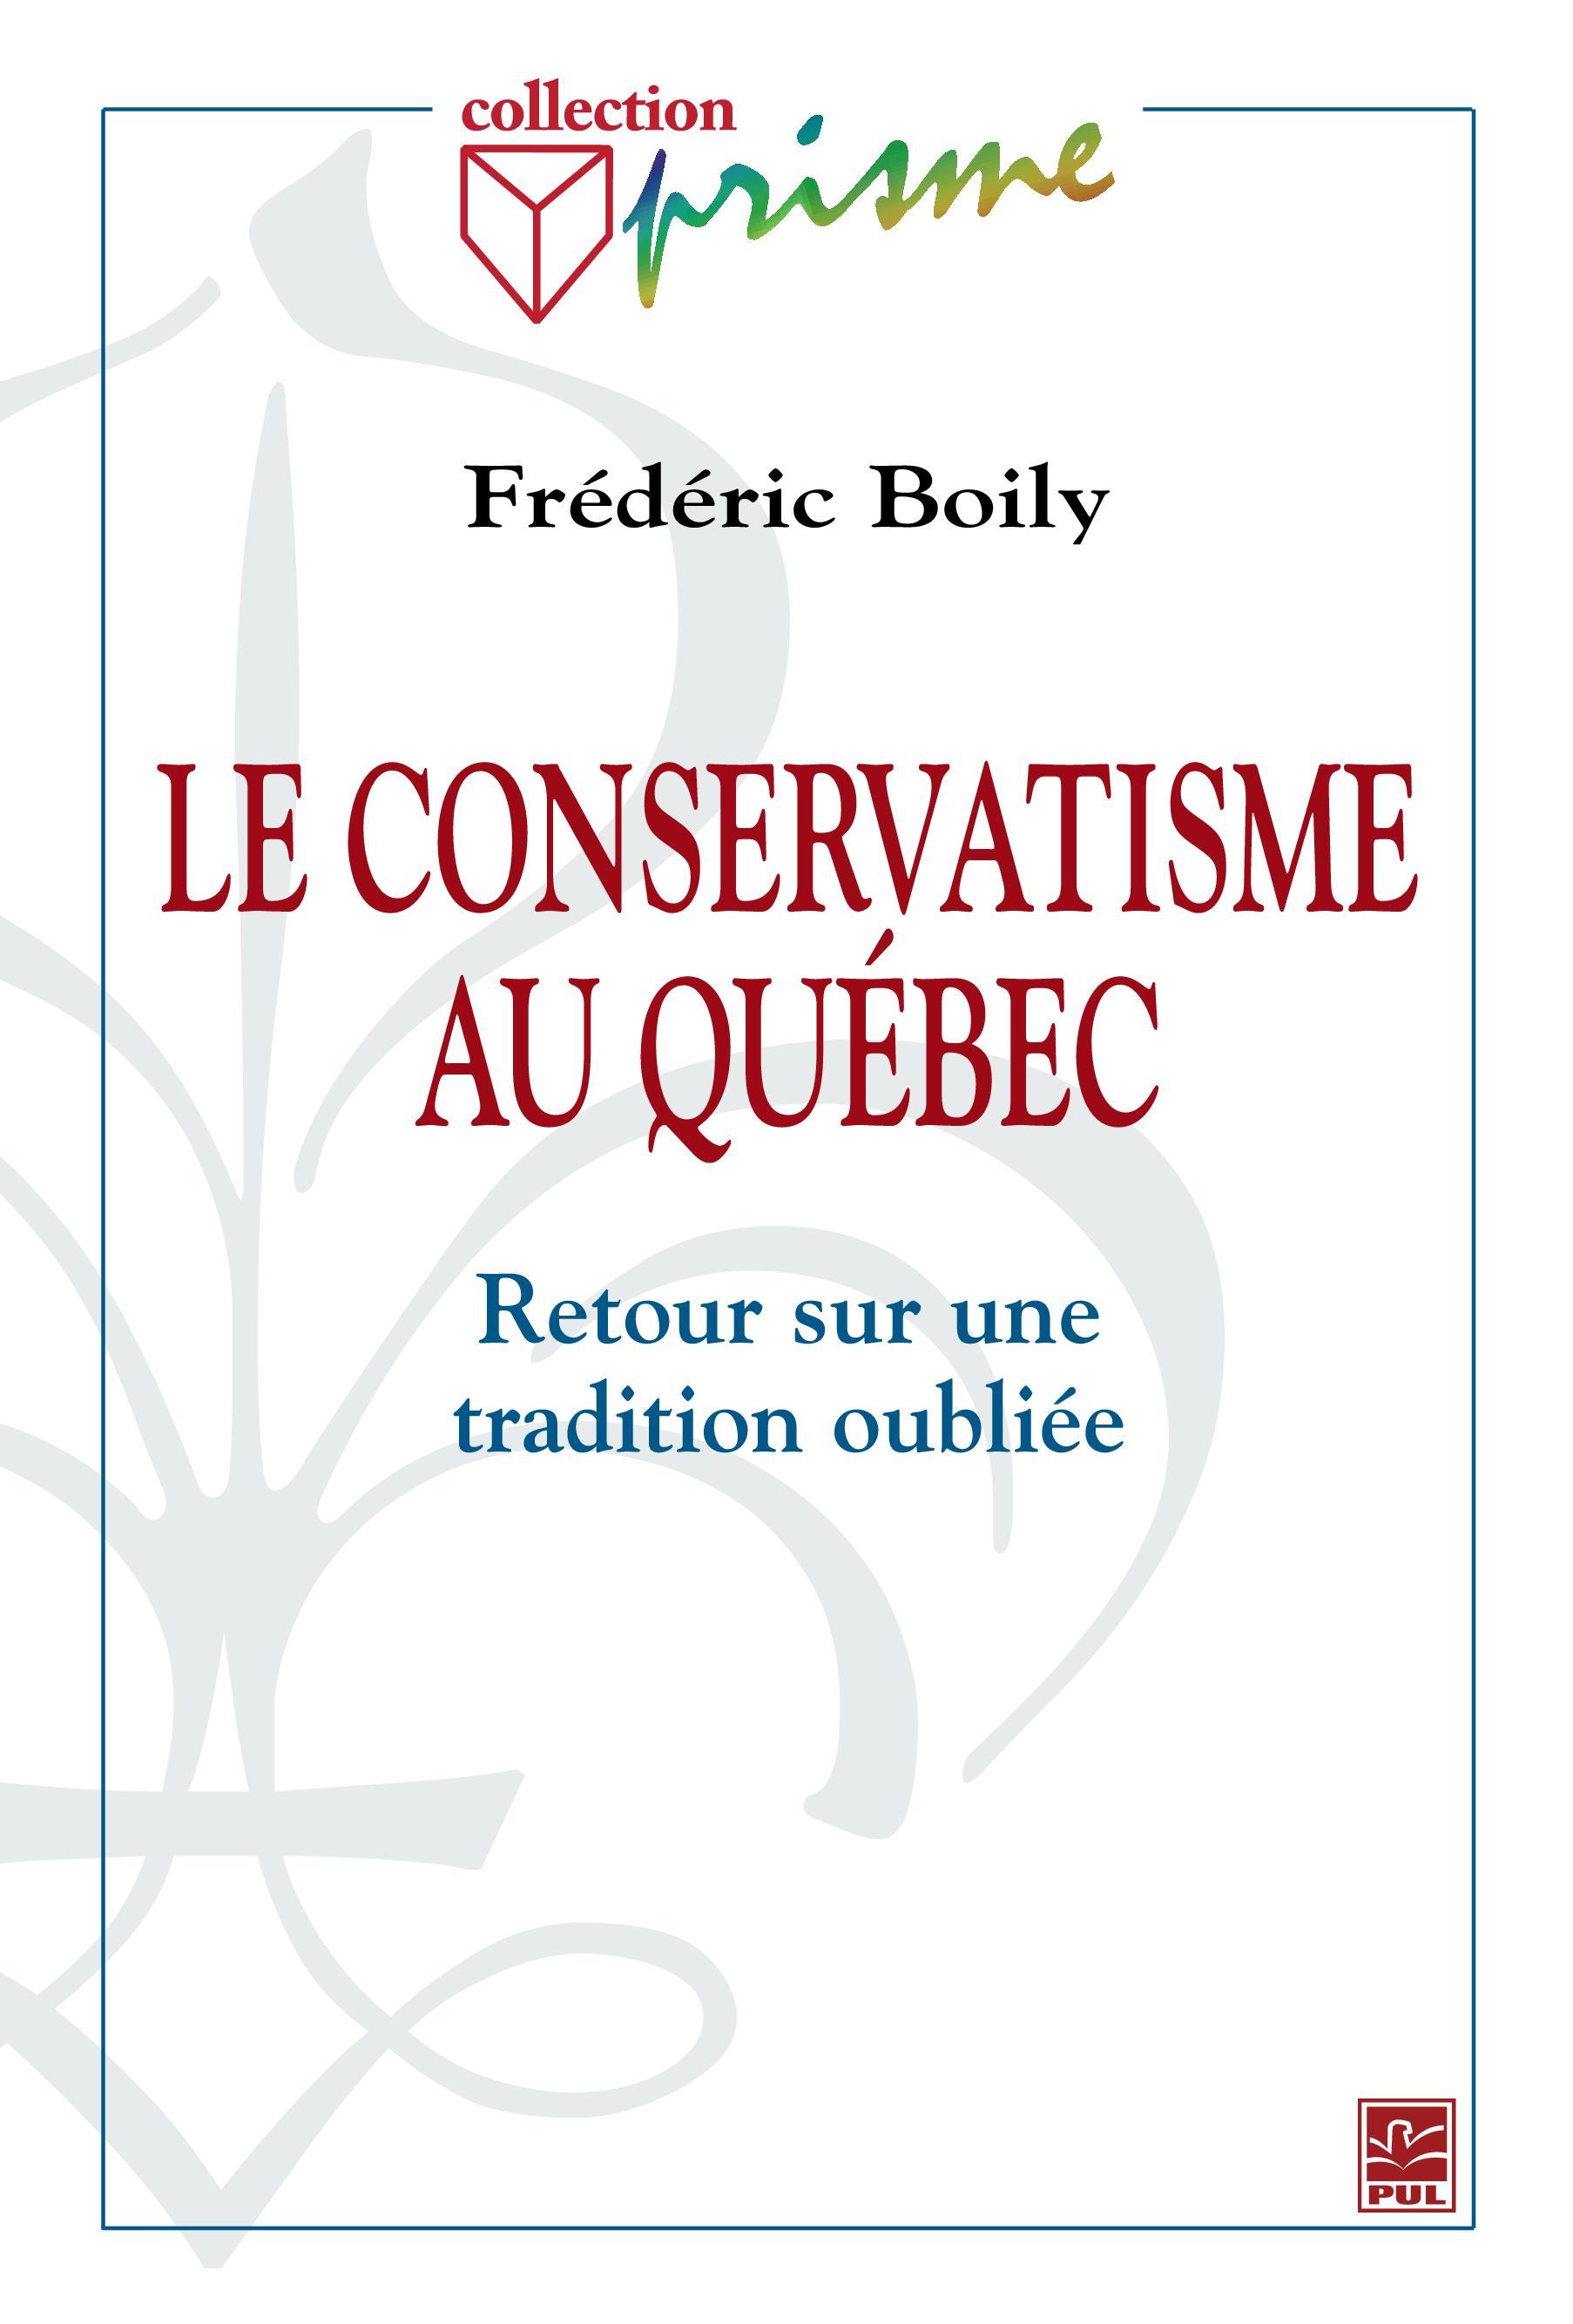 Le conservatisme au Québec